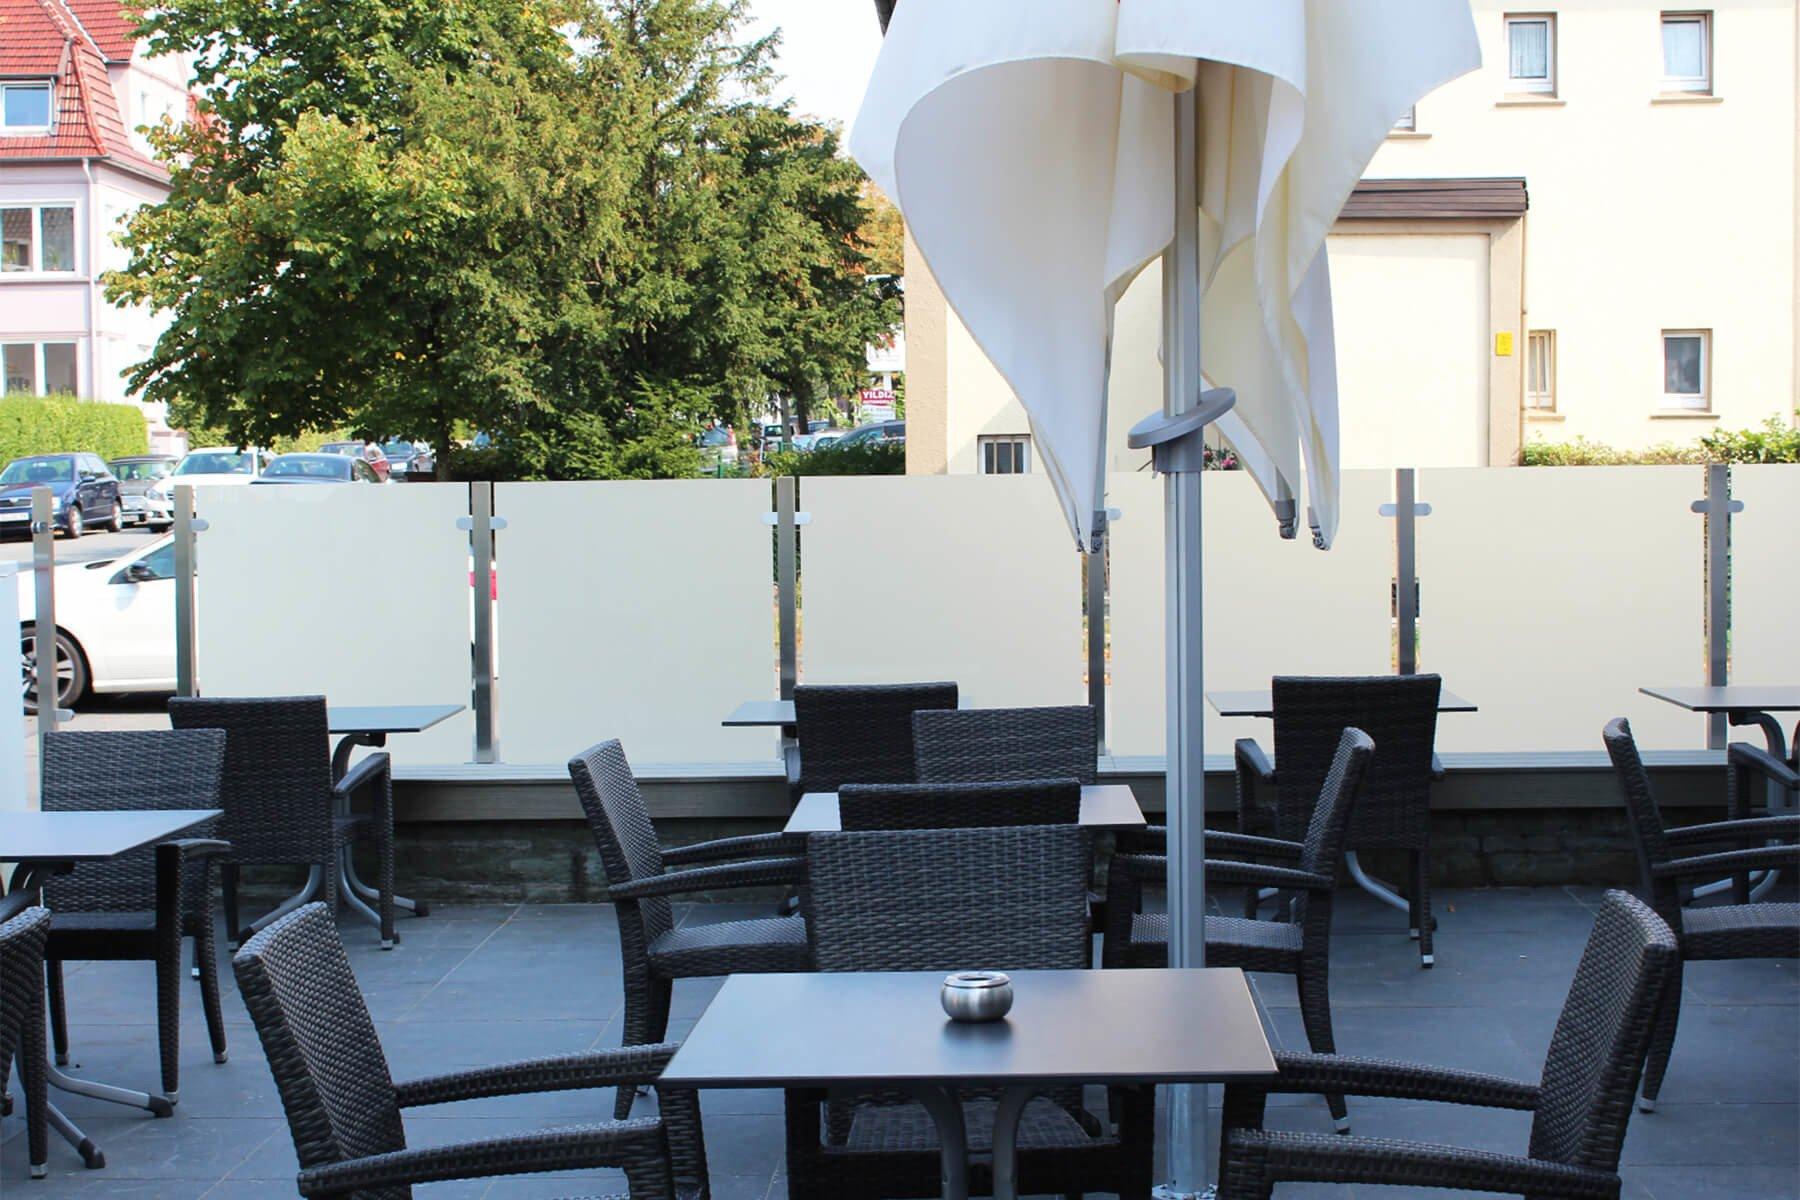 Moderner eleganter blickdichter Glaszaun ideal für Außenbereiche in der Gastronomie